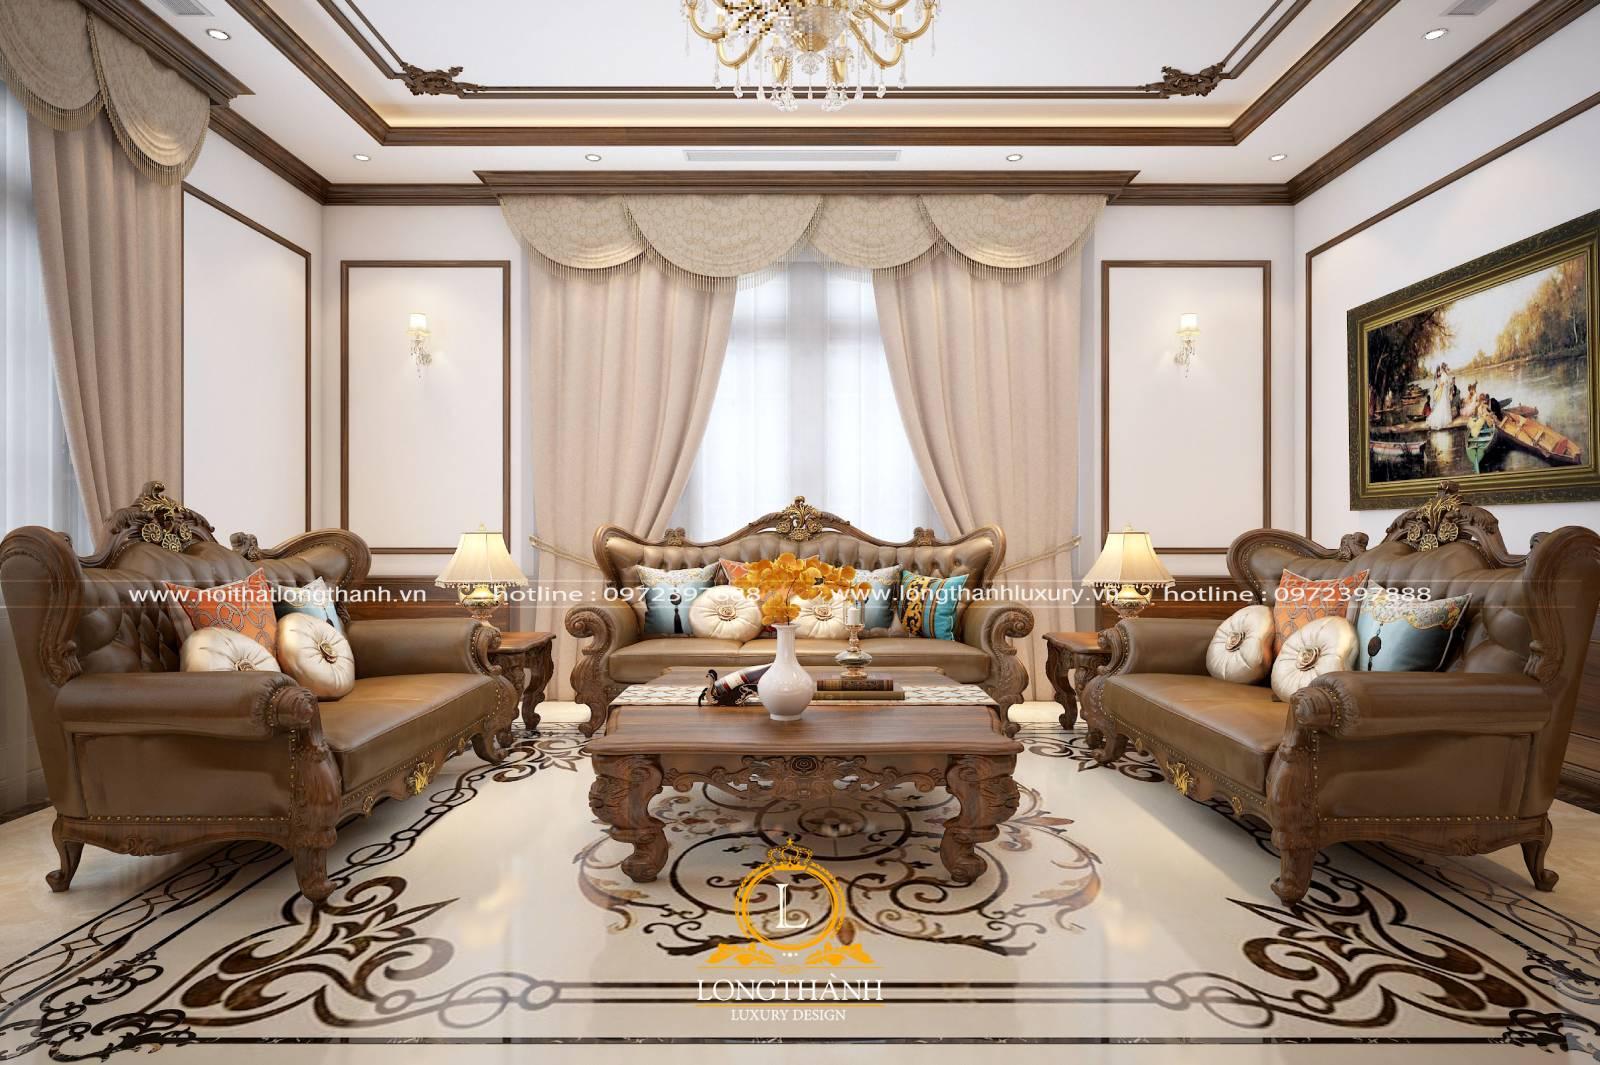 Bộ sofa văng cho phòng khách nhà phố, chung cư nhỏ